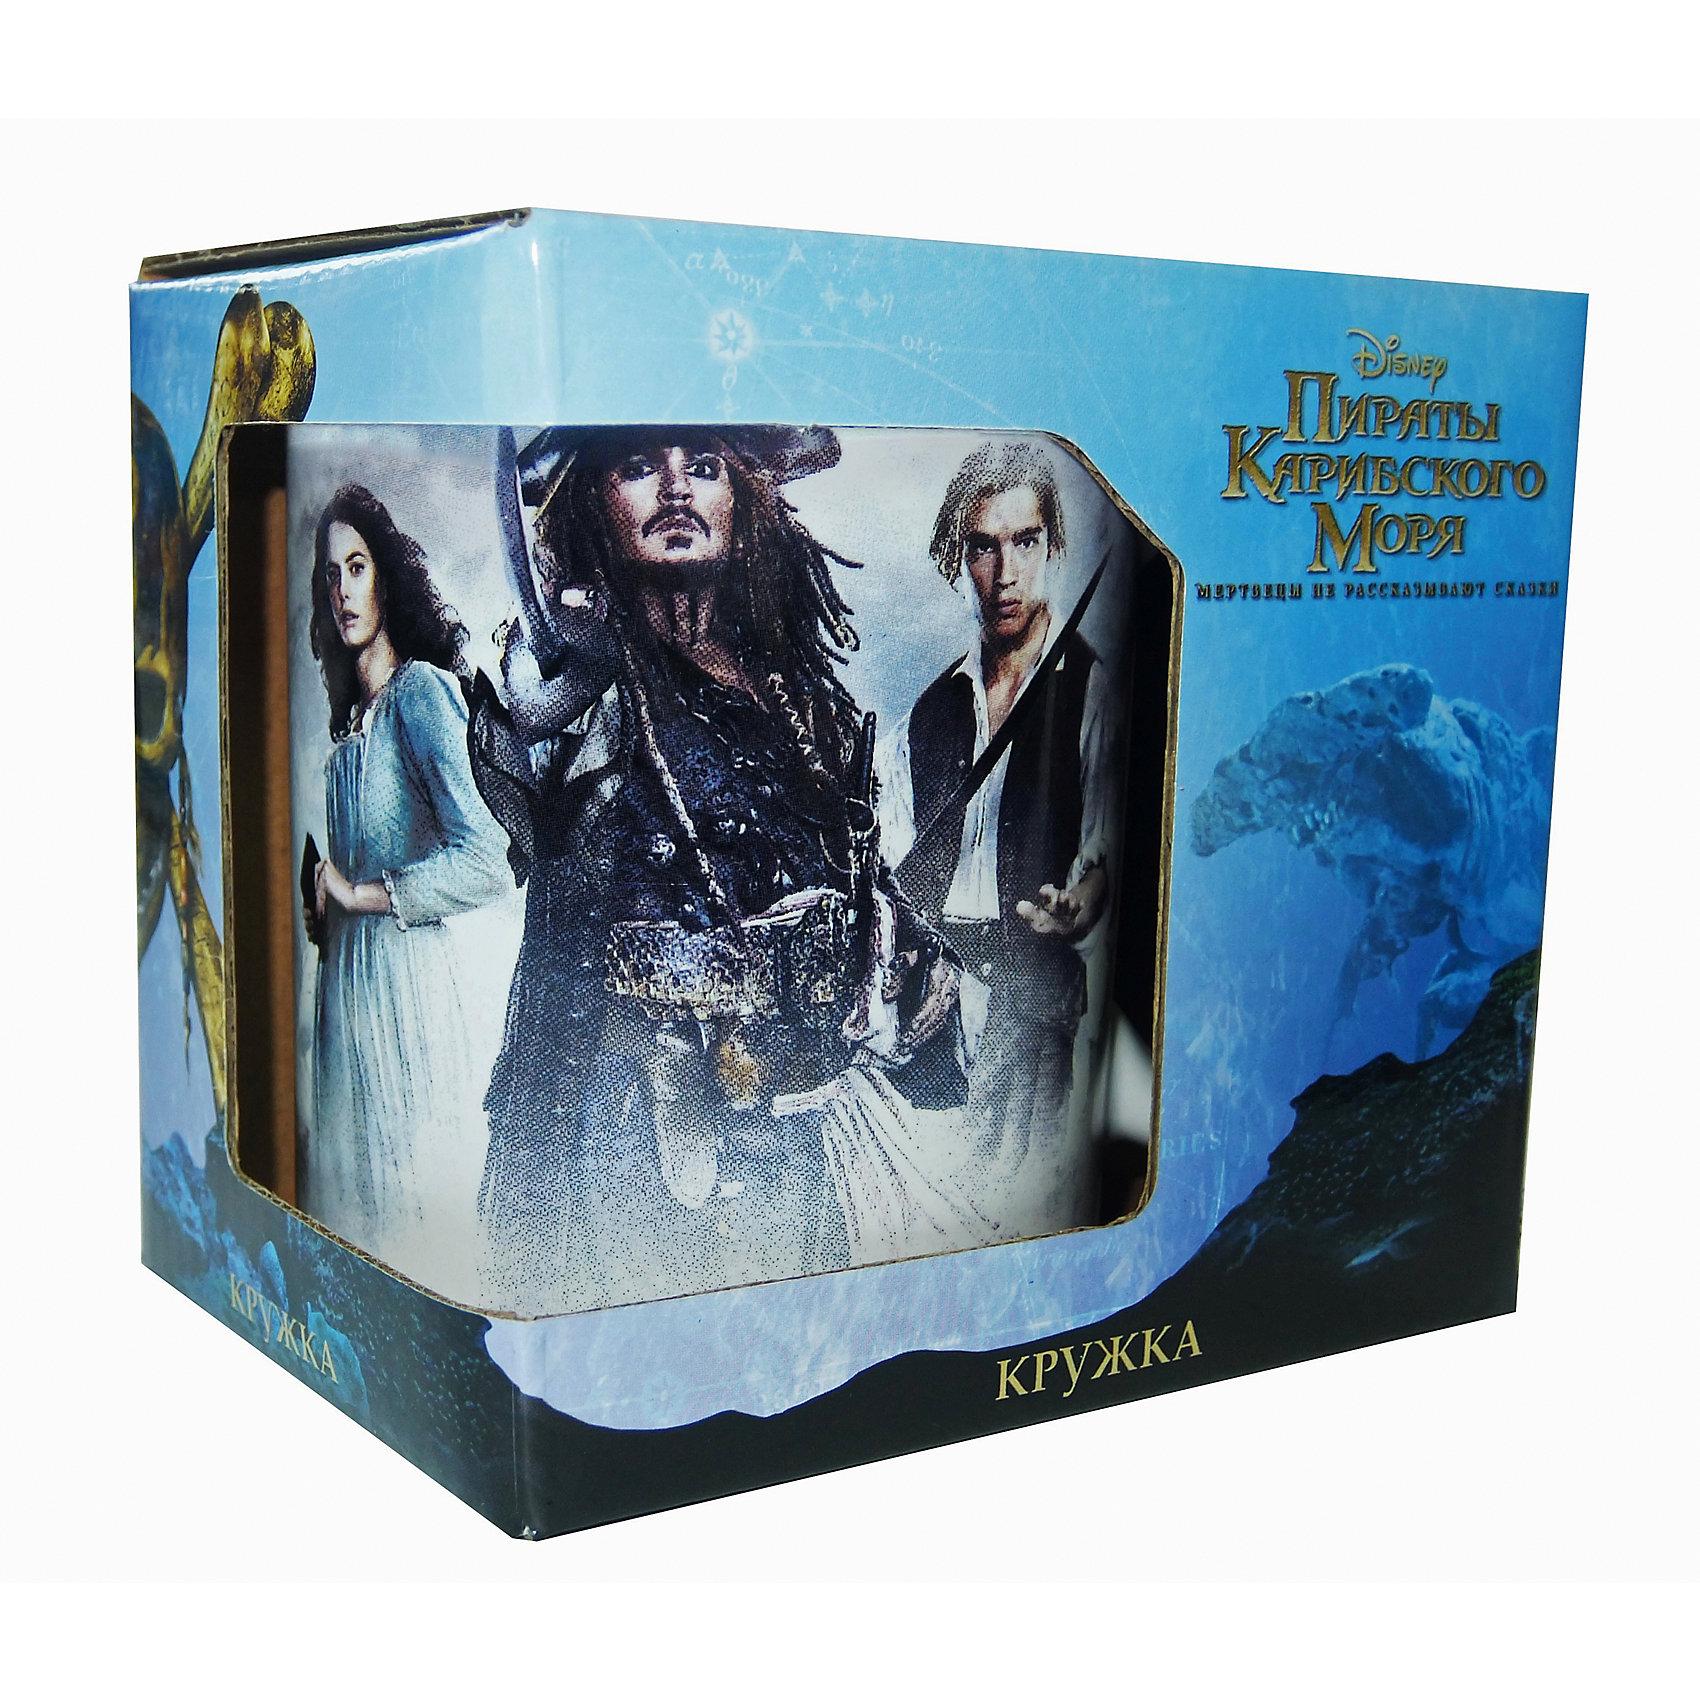 Кружка Пираты Карибского Моря. Трио в подарочной упаковке, 350 мл., DisneyПосуда<br>Характеристики:<br><br>• Материал: керамика<br>• Тематика рисунка: Пираты Карибского моря<br>• Можно использовать для горячих и холодных напитков<br>• Объем: 350 мл<br>• Вес: 360 г <br>• Упаковка: подарочная картонная коробка<br>• Размеры (Д*Ш*В): 12*8,2*9,5 см<br>• Особенности ухода: можно мыть в посудомоечной машине<br><br>Кружка Пираты Карибского моря. Трио в подарочной упаковке, 350 мл., Disney выполнена в стильном дизайне: на белый корпус нанесено изображение героев фильма. Изображение устойчиво к появлению царапин, не выцветает при частом мытье. <br><br>Кружку Пираты Карибского моря. Трио в подарочной упаковке, 350 мл., Disney можно купить в нашем интернет-магазине.<br><br>Ширина мм: 120<br>Глубина мм: 82<br>Высота мм: 95<br>Вес г: 360<br>Возраст от месяцев: 36<br>Возраст до месяцев: 1188<br>Пол: Унисекс<br>Возраст: Детский<br>SKU: 6849944